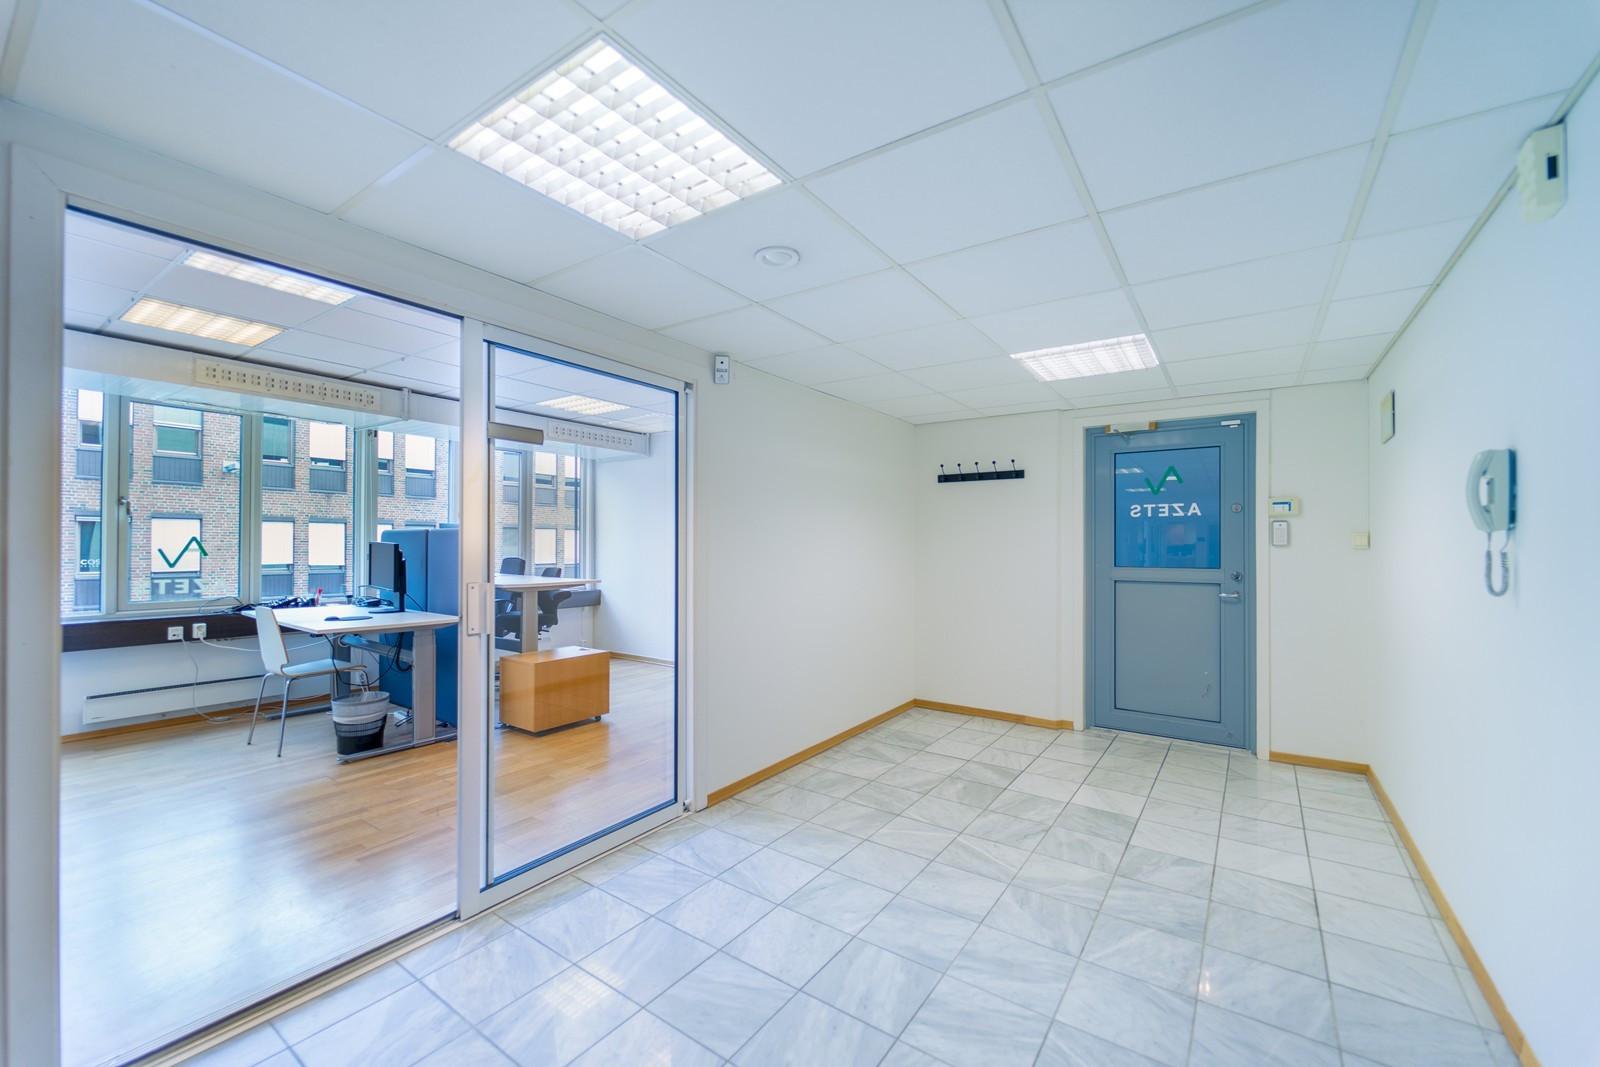 Lyse kontorlokaler med store cellekontor